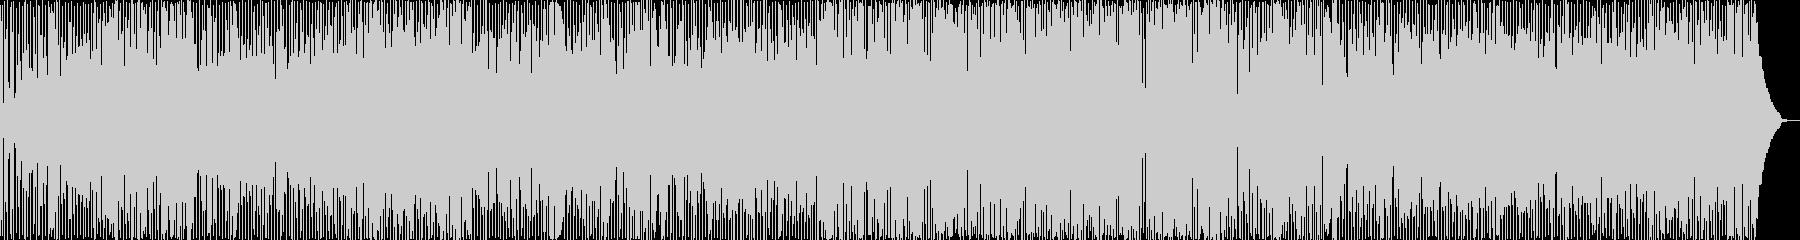 アンサンブル・ファンク・ジャズの未再生の波形